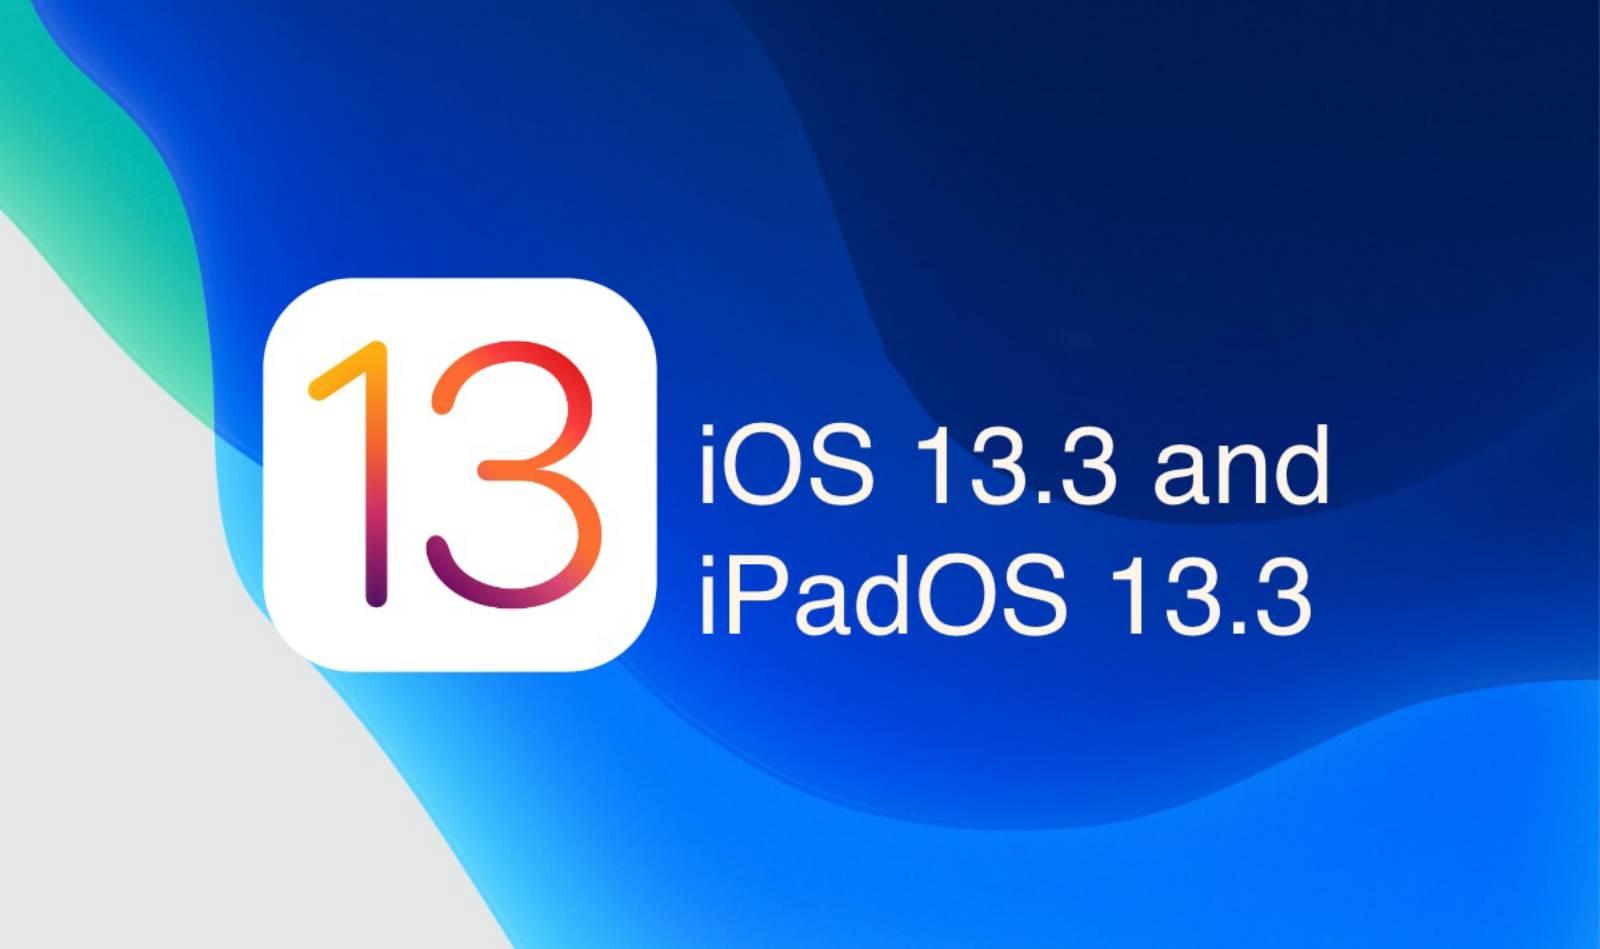 iOS 13.3 Beta 3 a fost lansat pentru iPhone si iPad de Apple